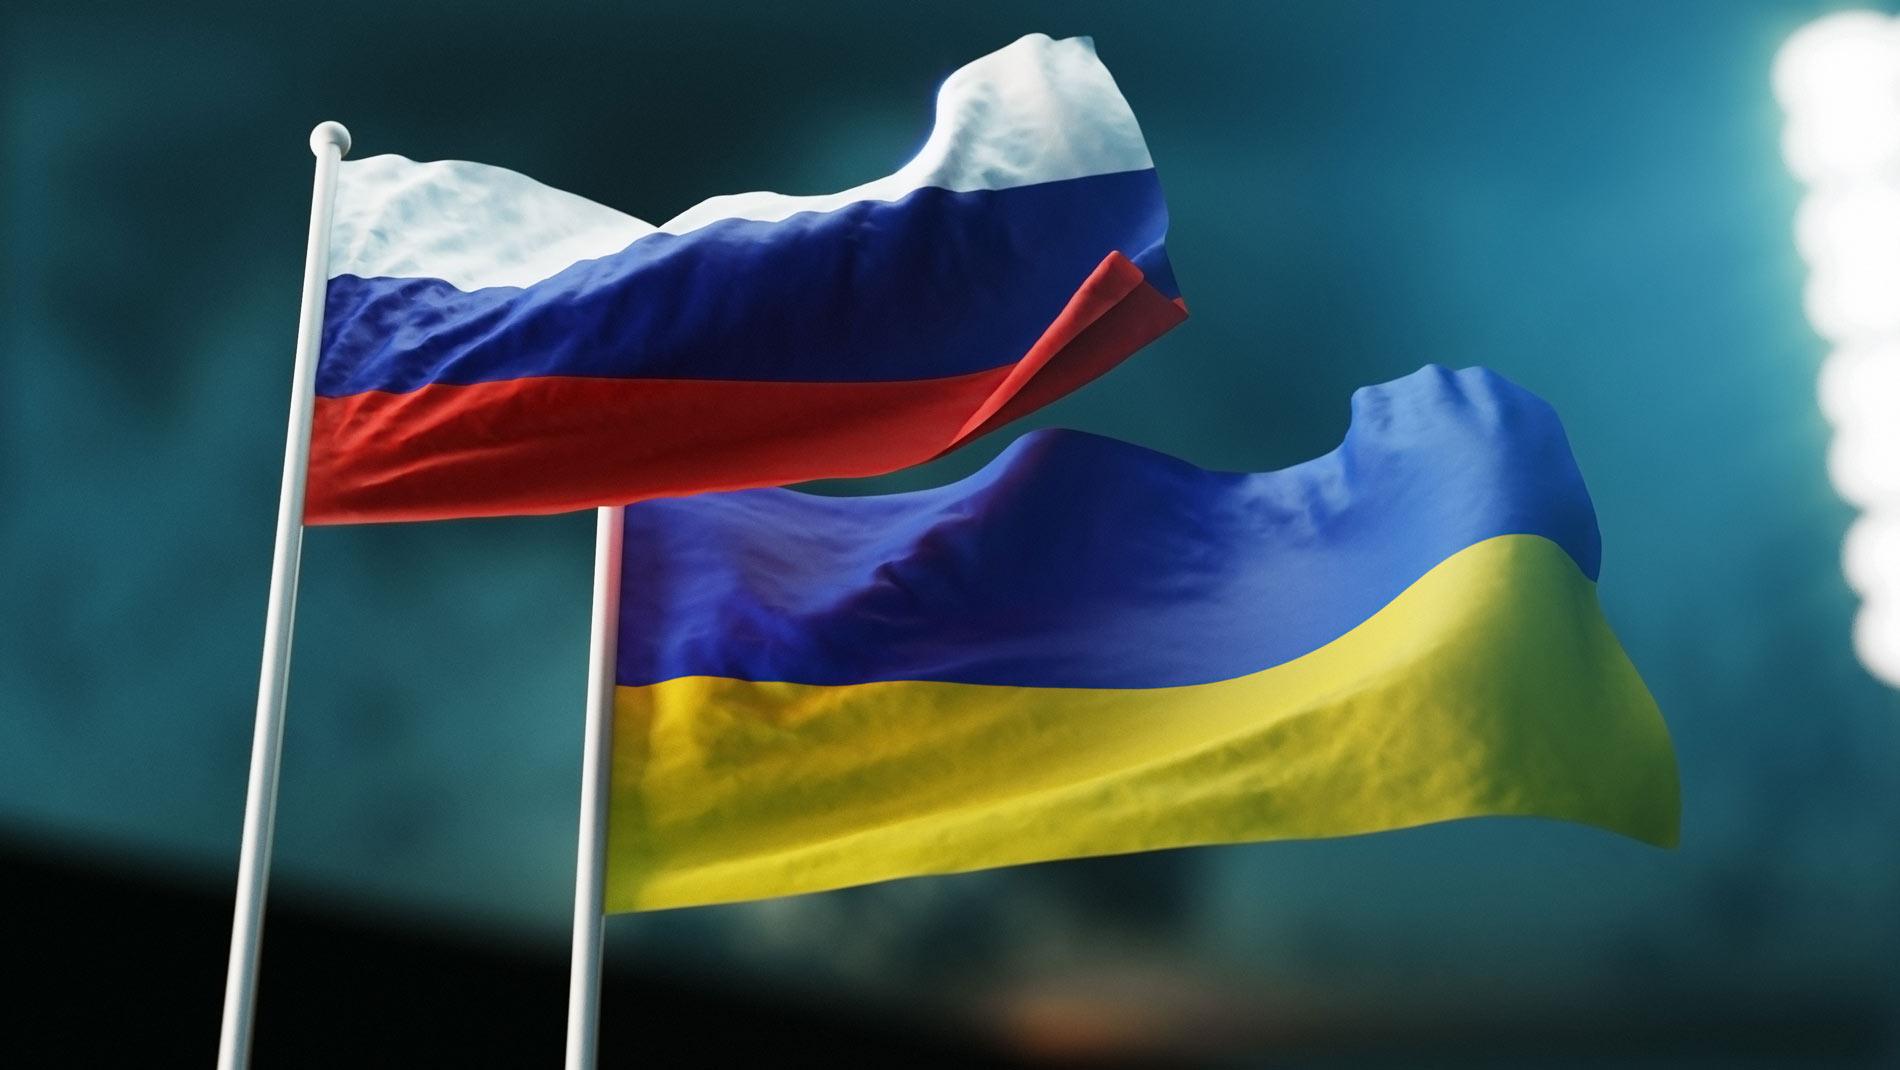 Спорт есть спорт: Песков исключил новый виток напряжённости между Россией и Украиной из-за футбола